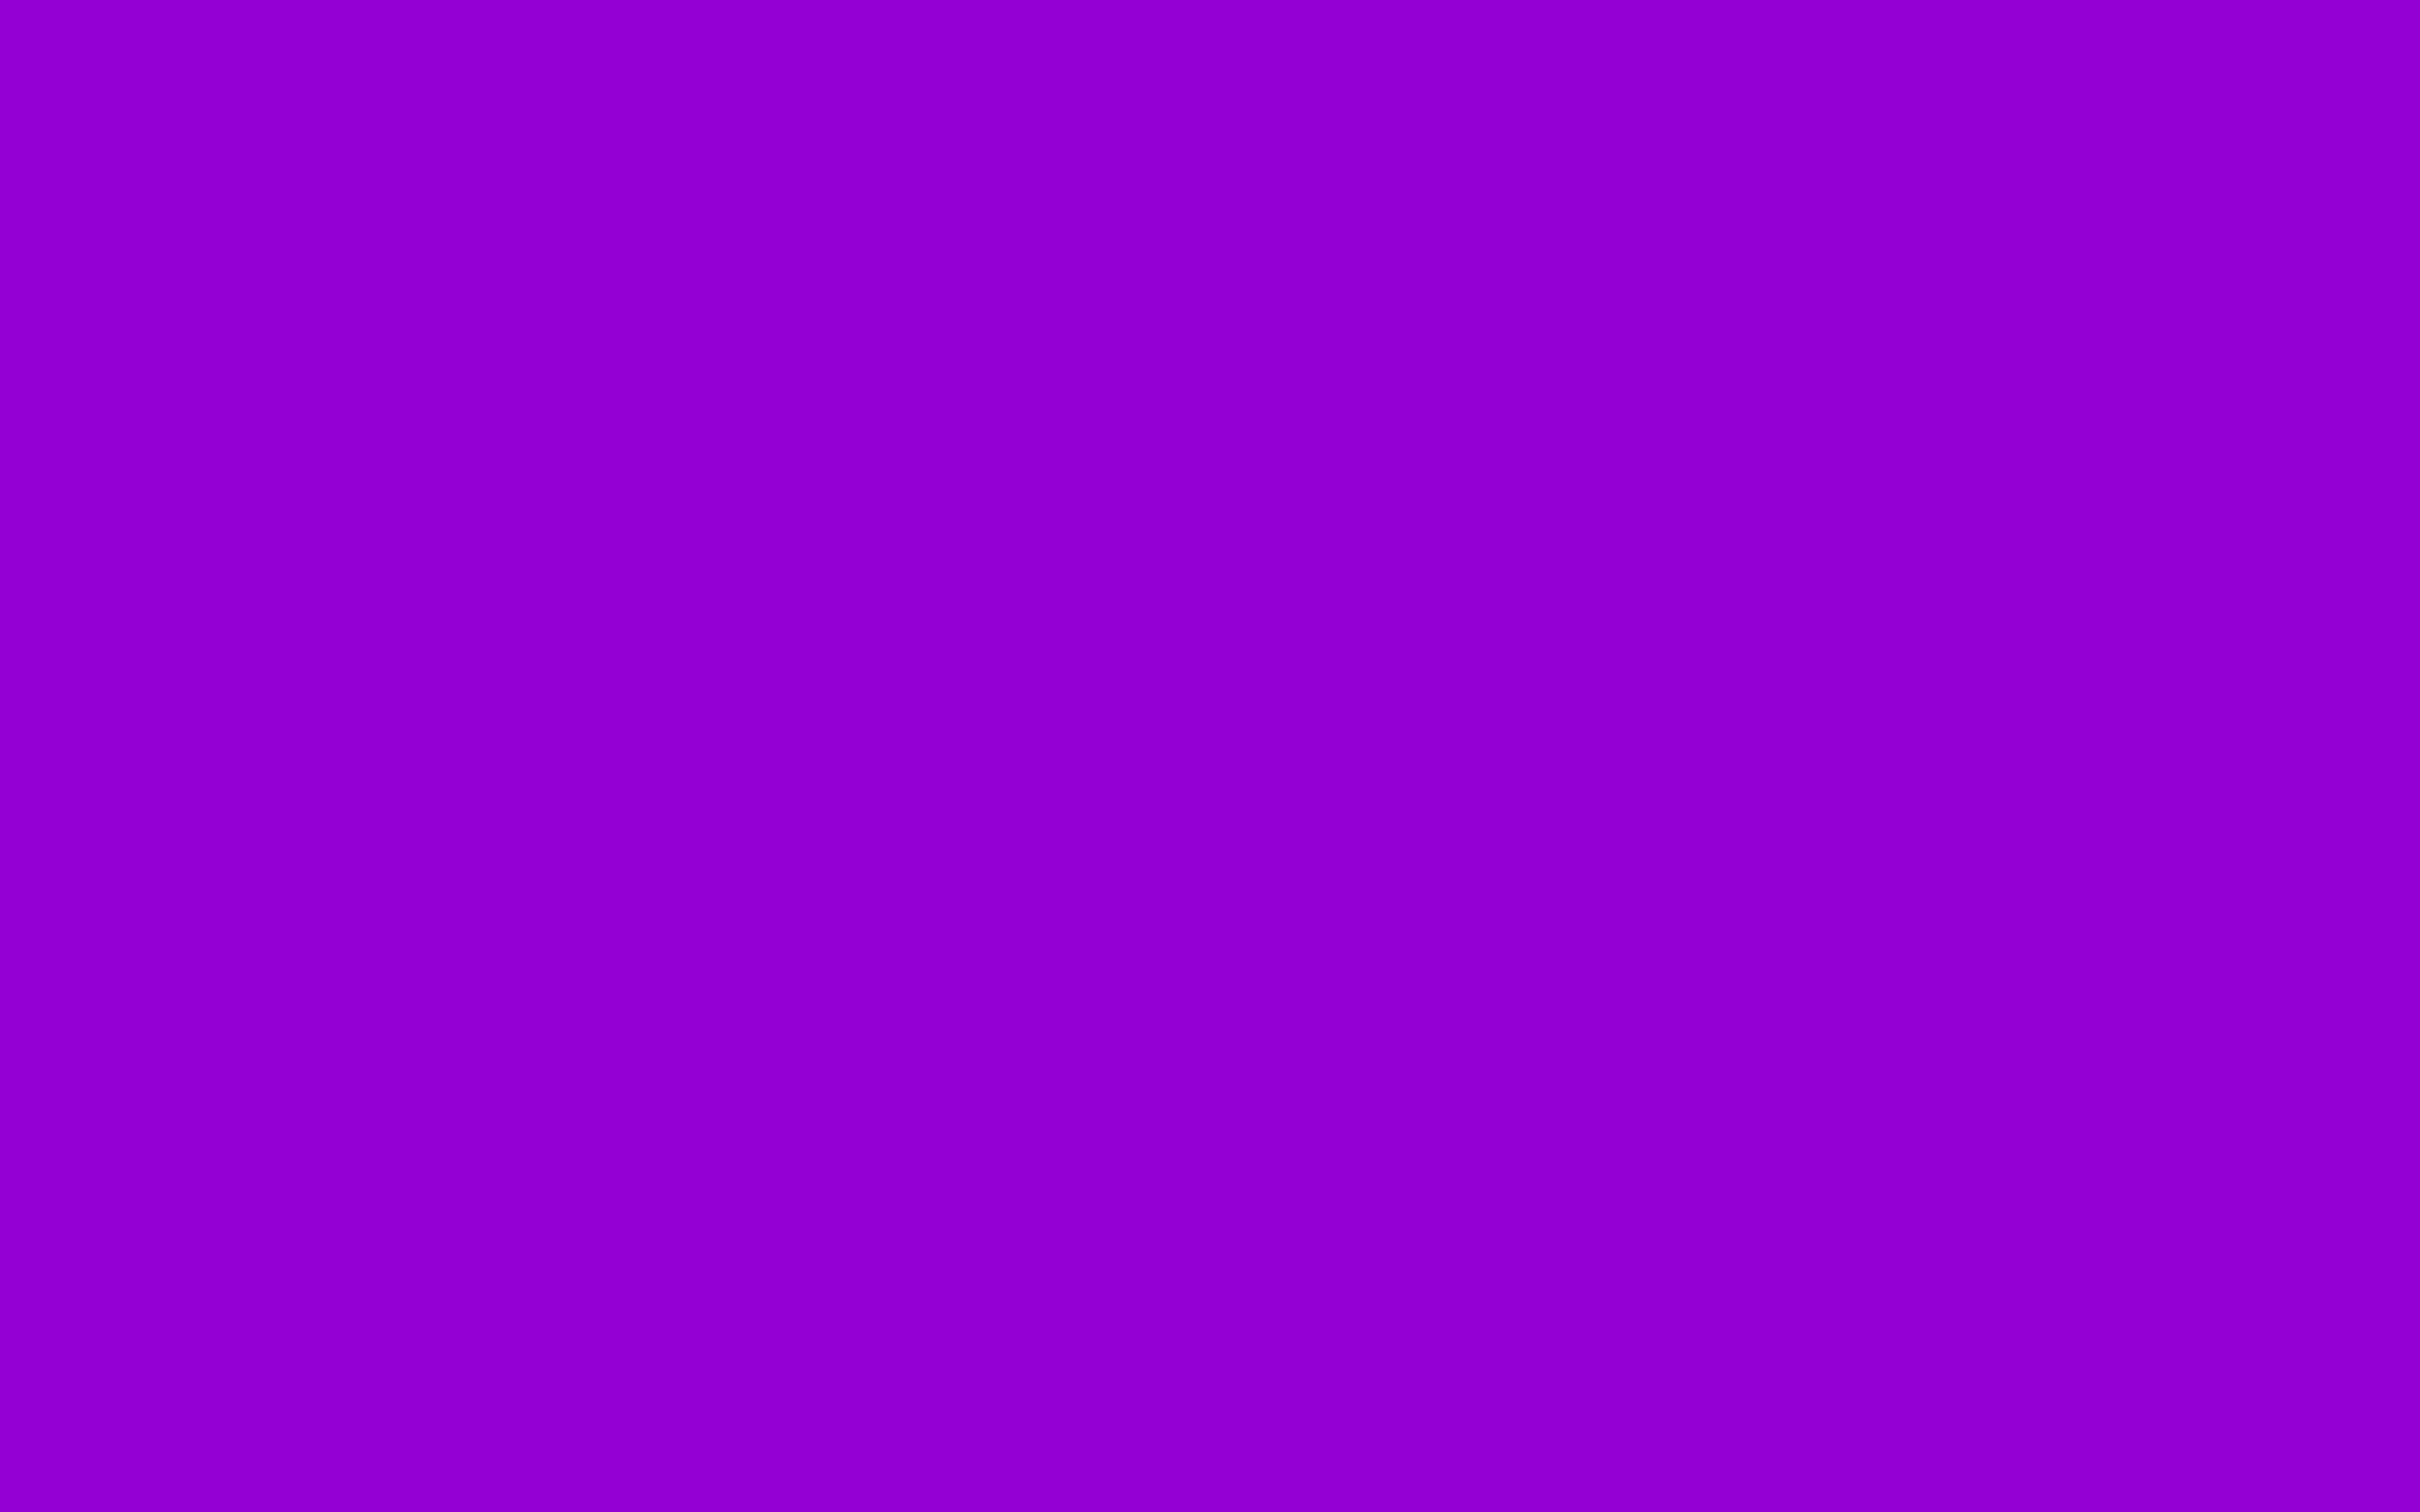 2560x1600 Dark Violet Solid Color Background